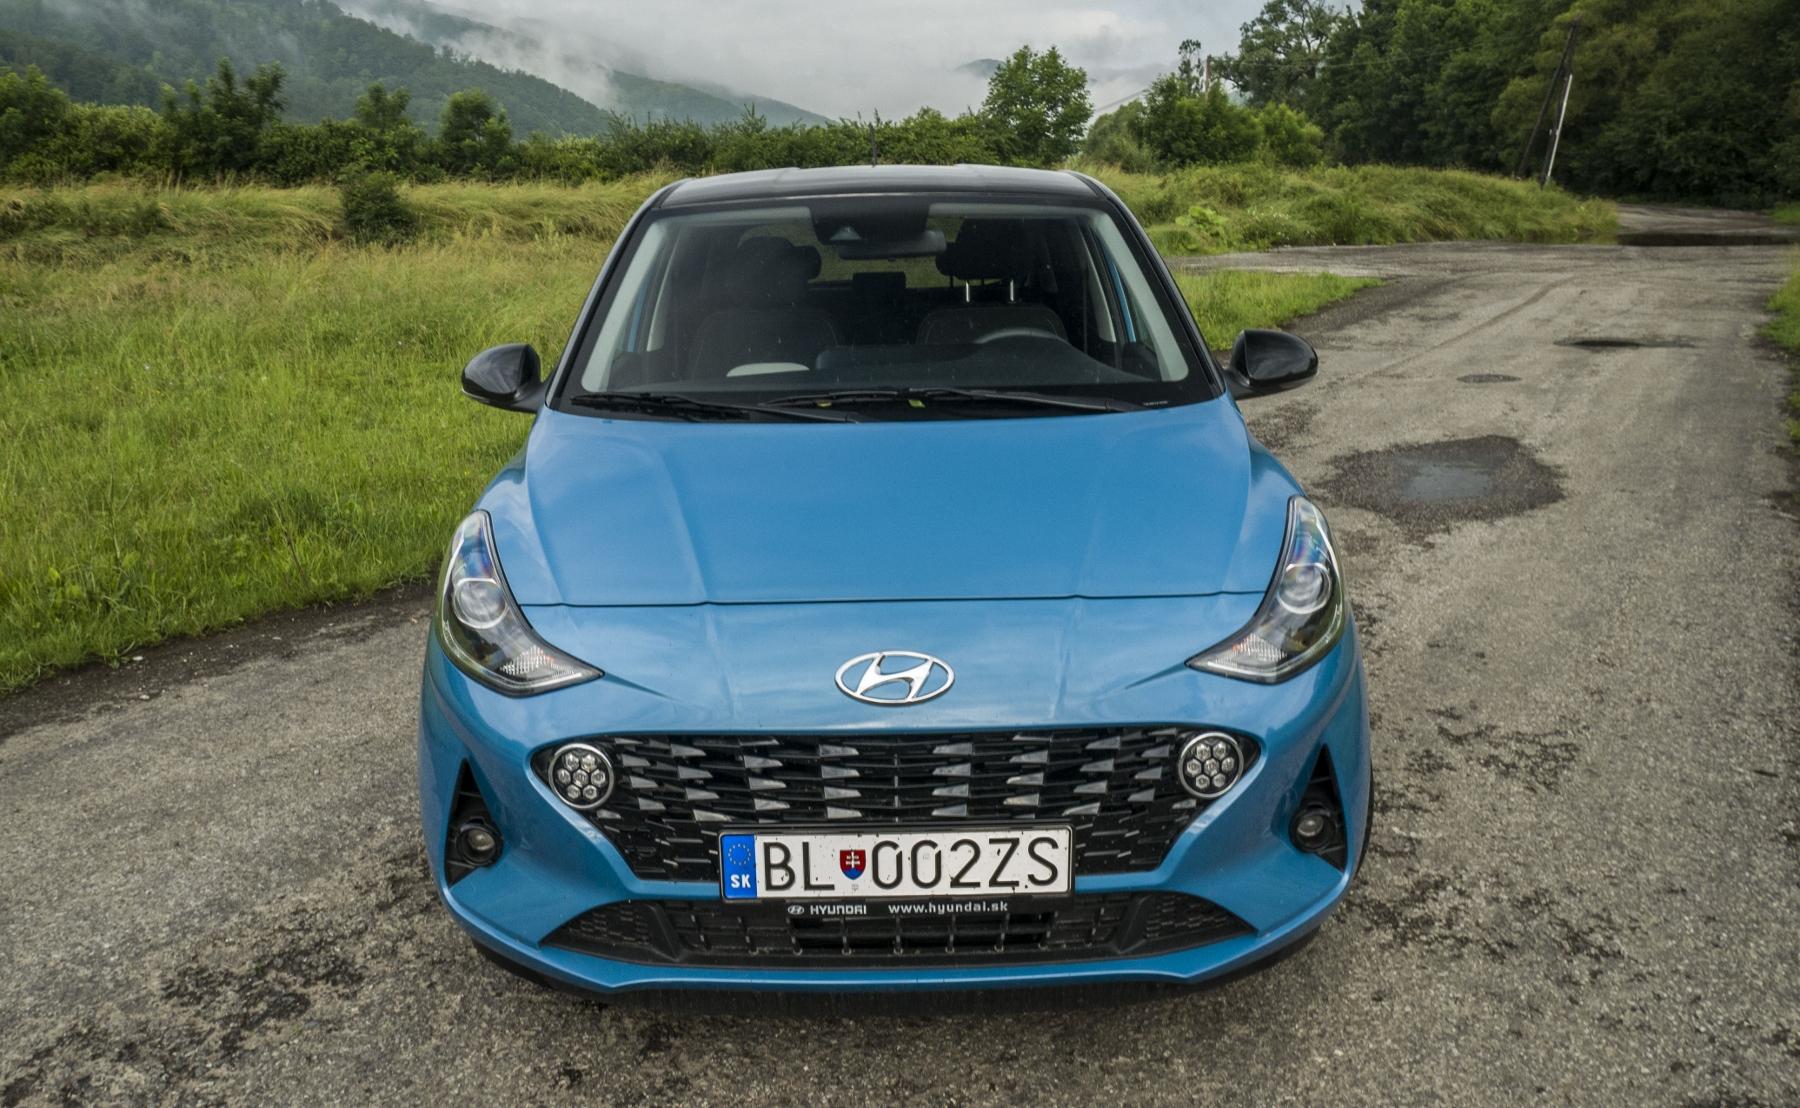 Test: Hyundai i10 je zameraný do mesta. Zo škatuľky vytŕča podvozkom iam1HswTFH hyundai-i10-5